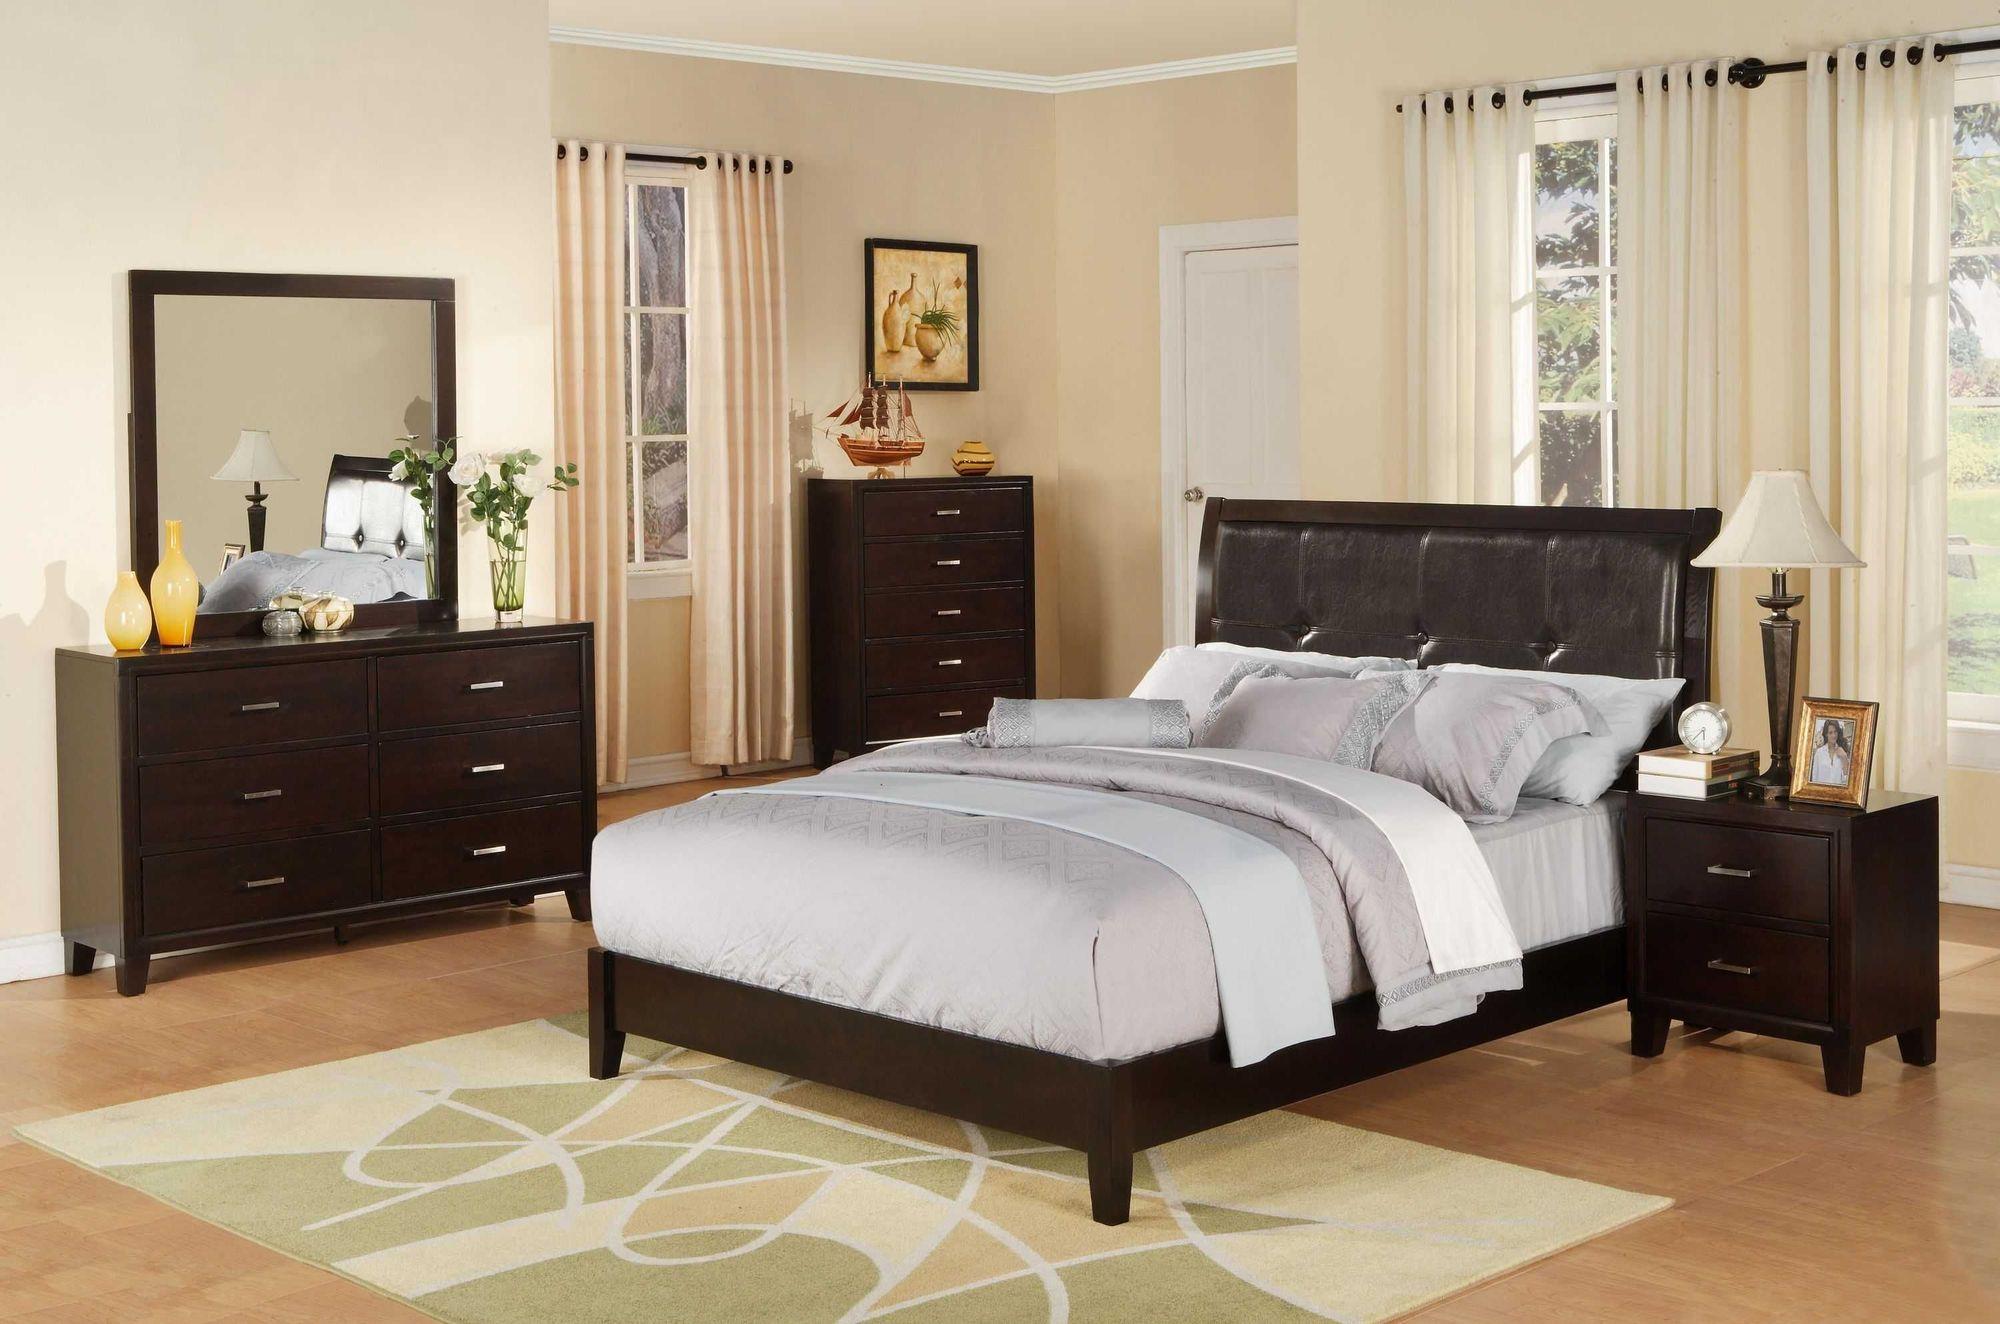 Best 5 Piece Master Bedroom Set Bedroom Furniture Bedroom 400 x 300